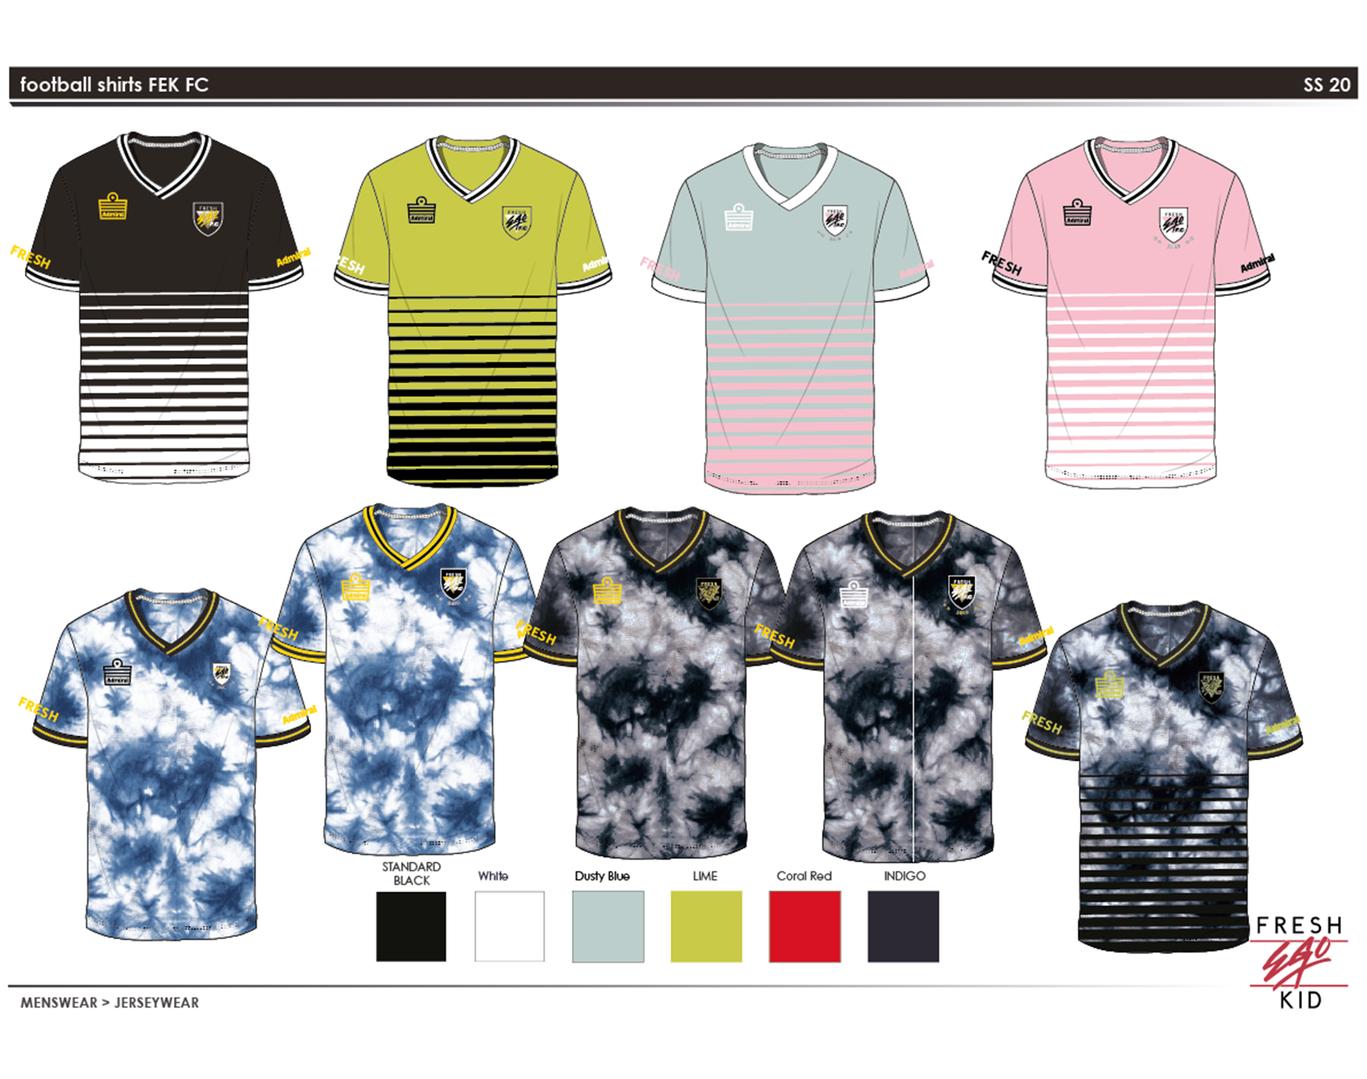 FEK - Football Kit design 3